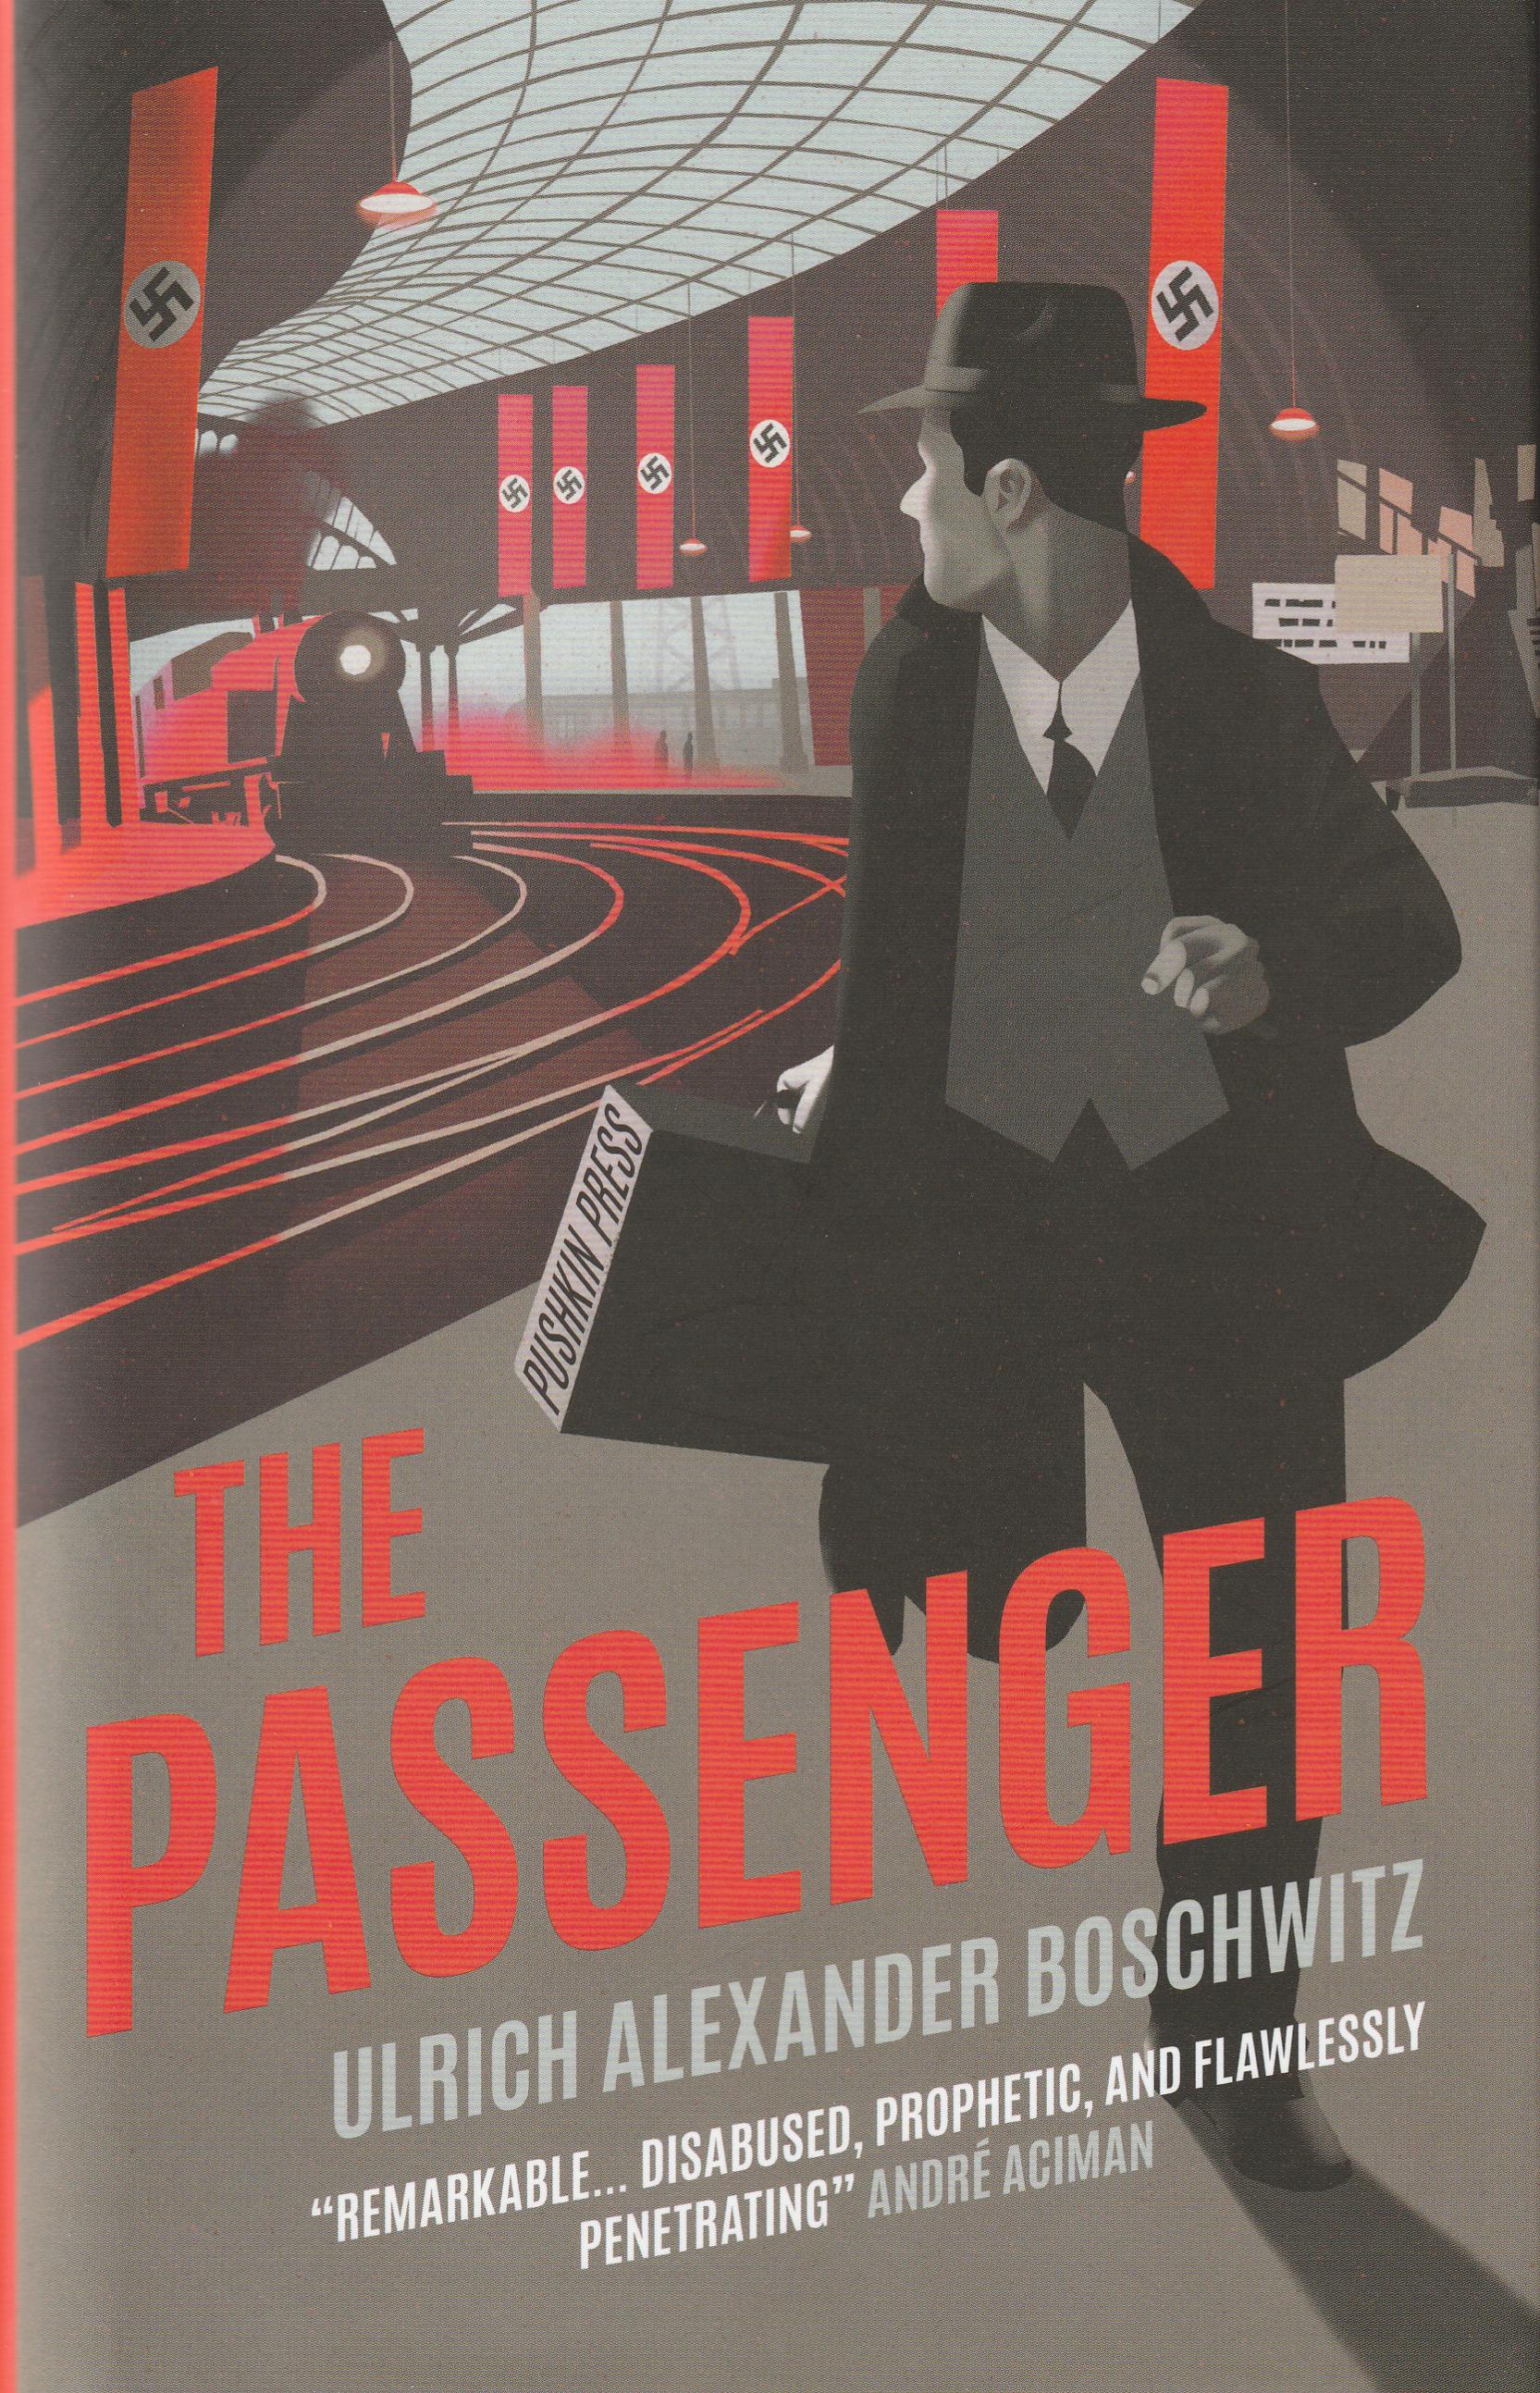 Ulrich Alexander Boschwitz — The Passenger